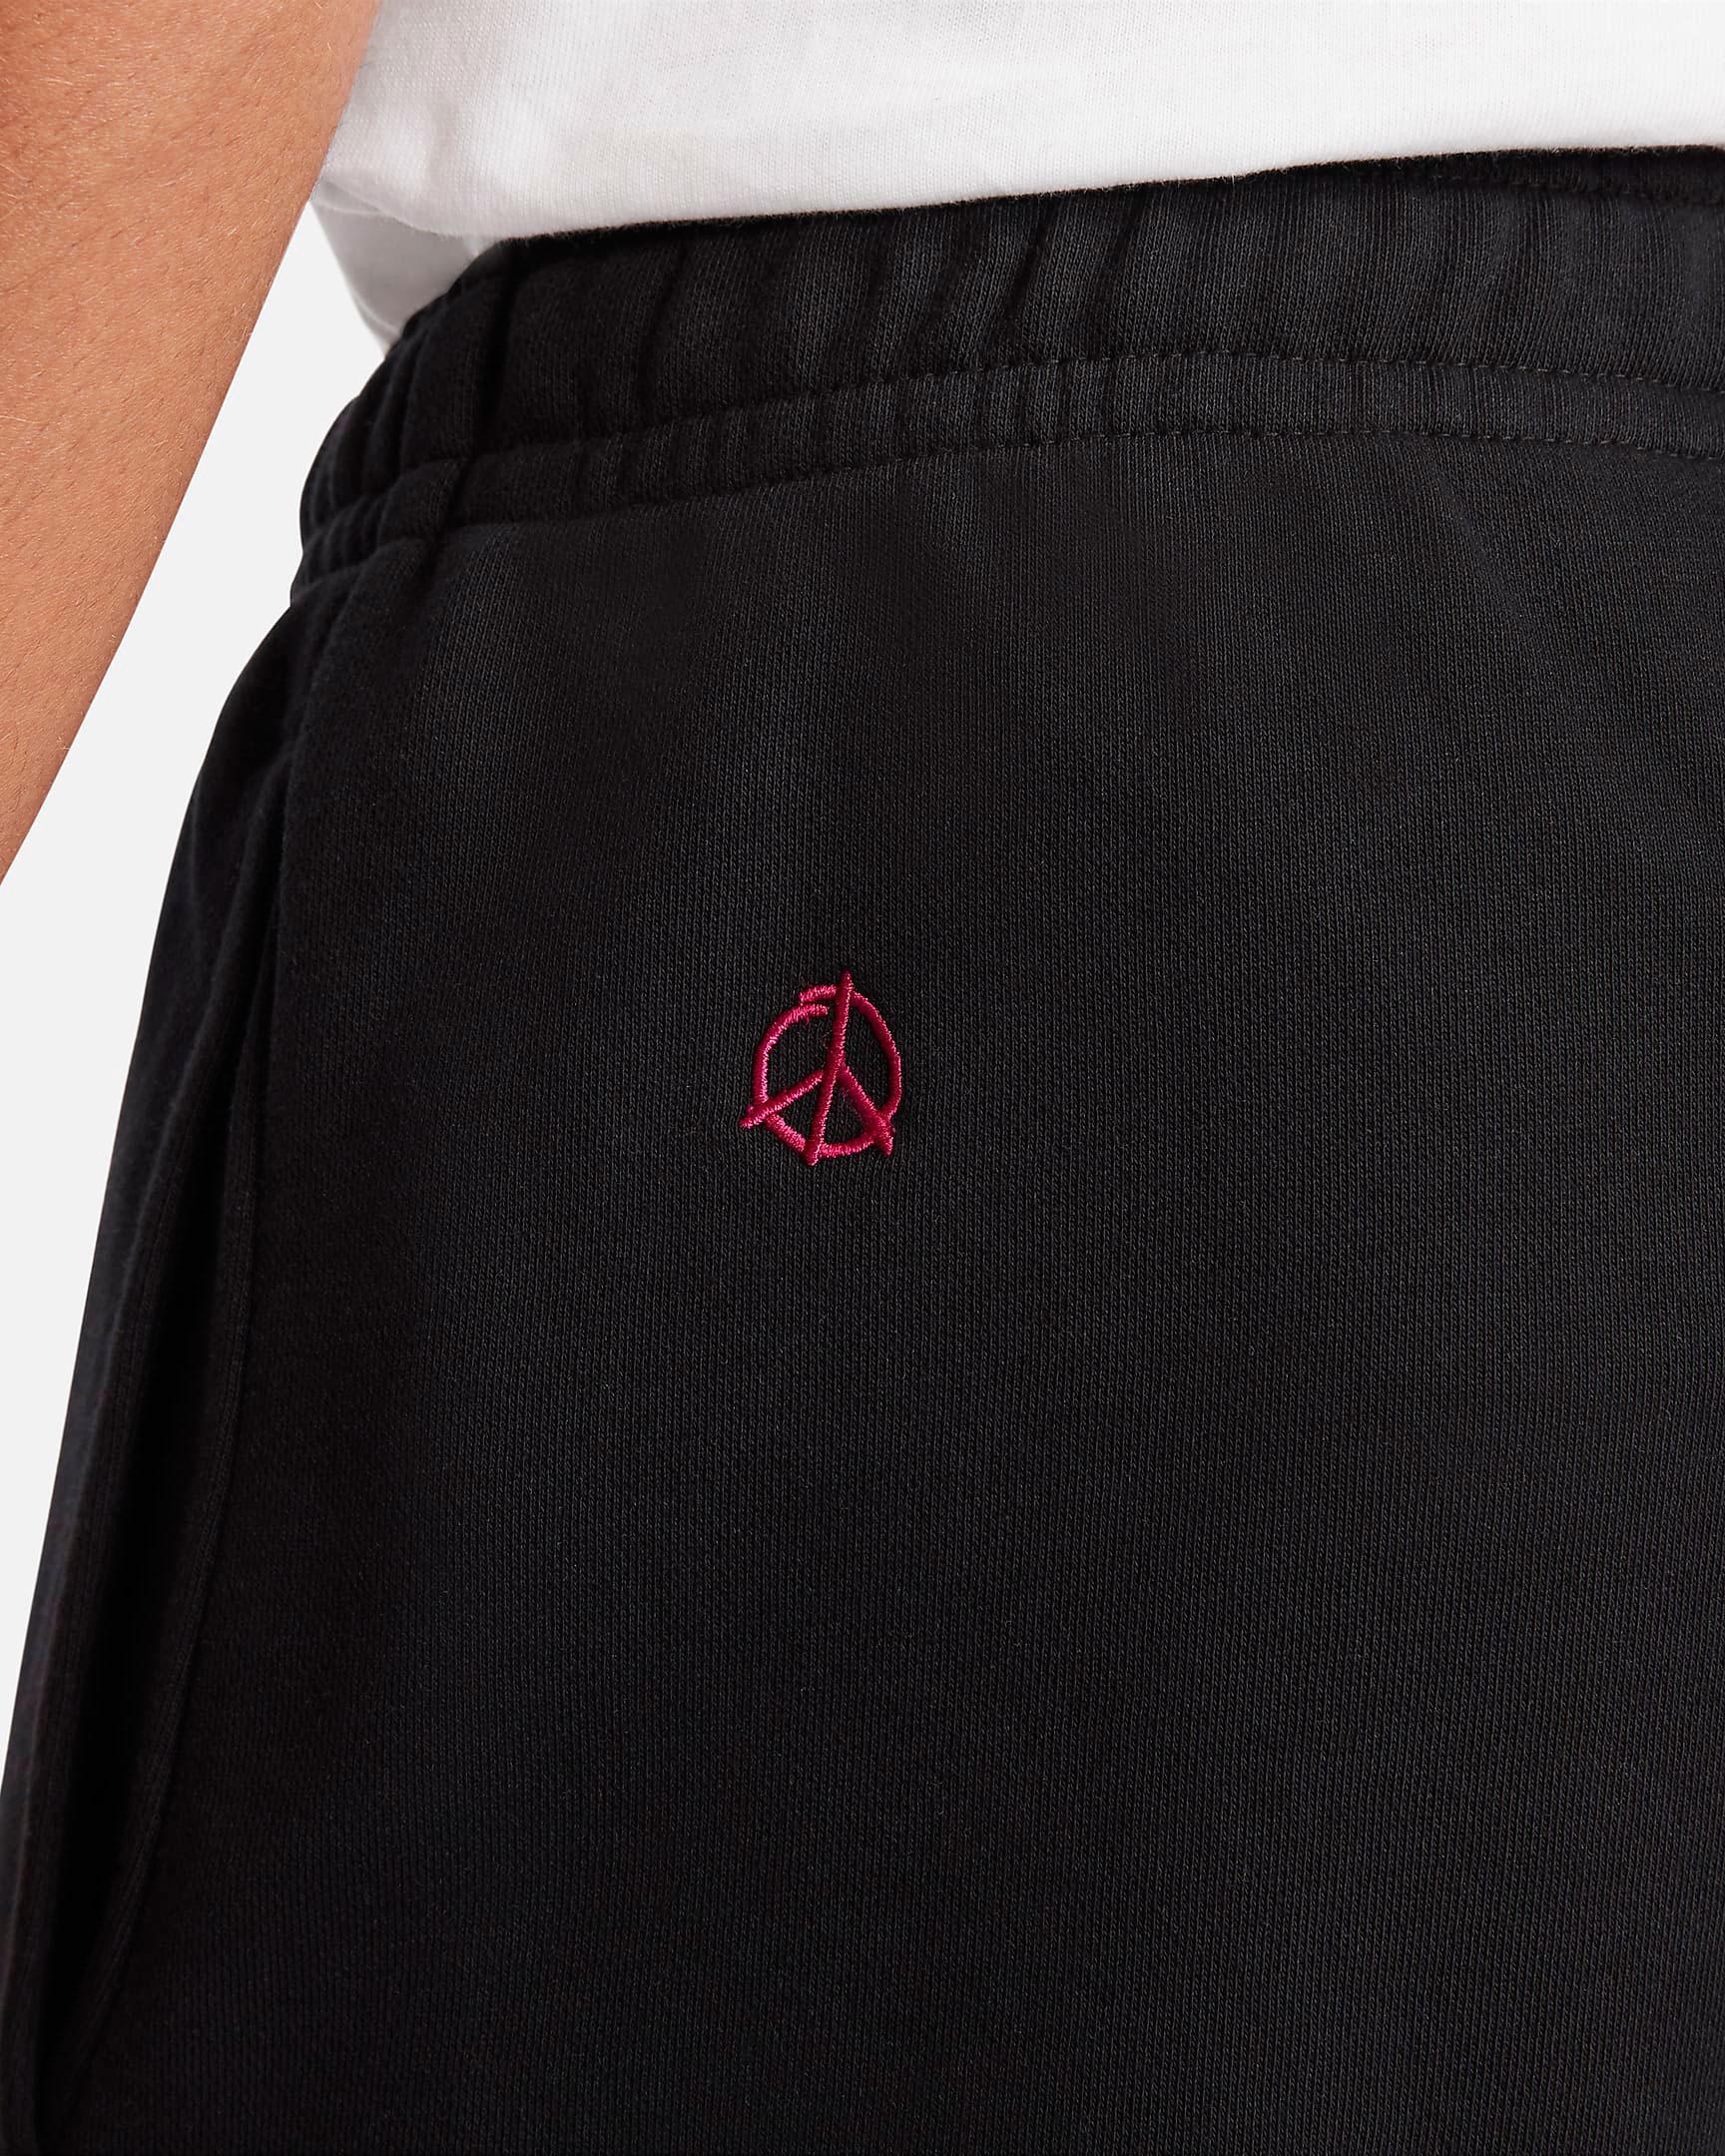 nike-world-tour-jogger-pants-black-5